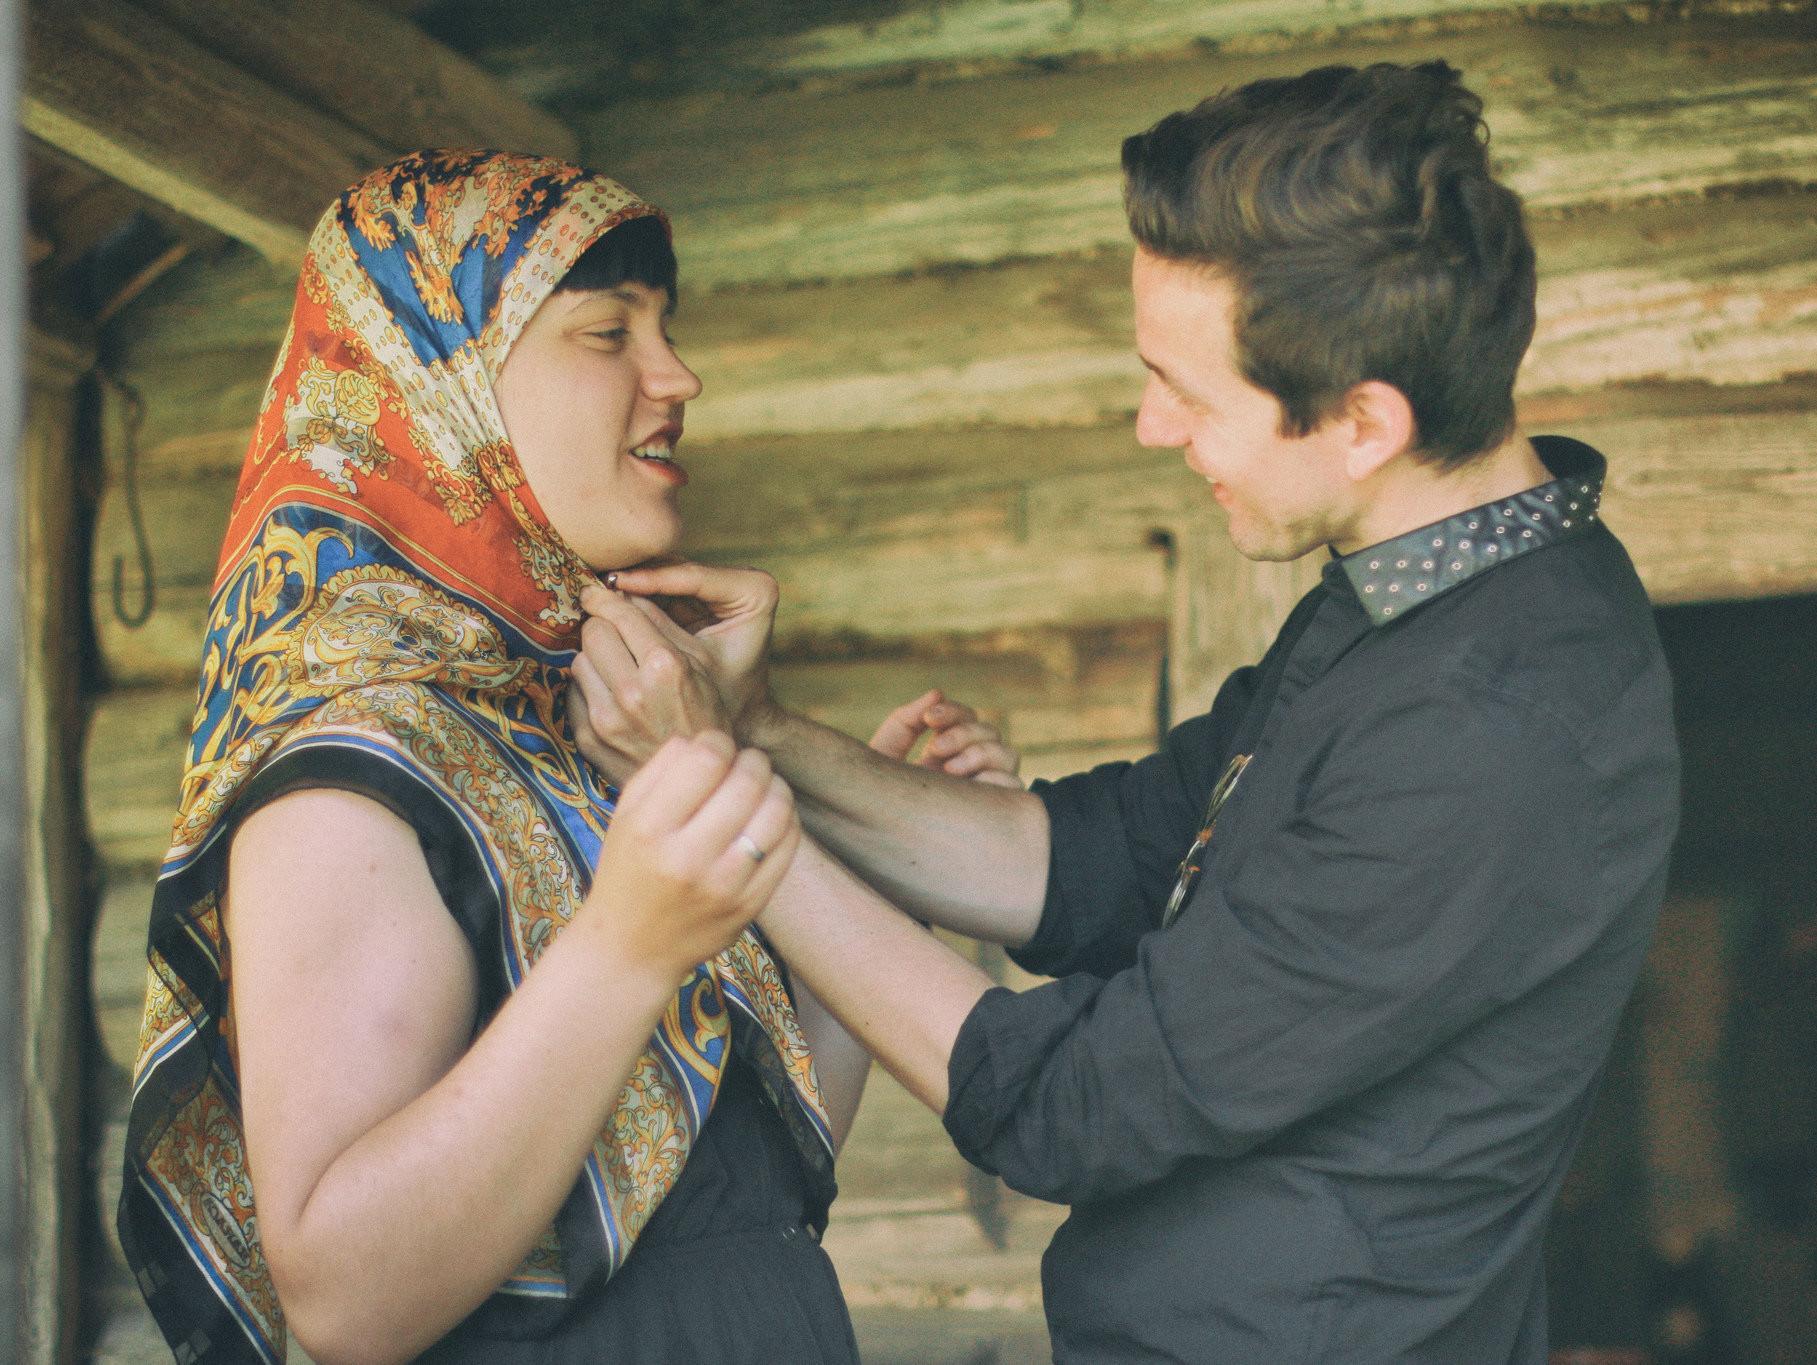 """Rebeka Põldsam ja Andreas Kalkun Seto Talumuuseumis näituse """"Kaetud peaga naised"""" avamisel. Foto: Aivo Põlluäär"""